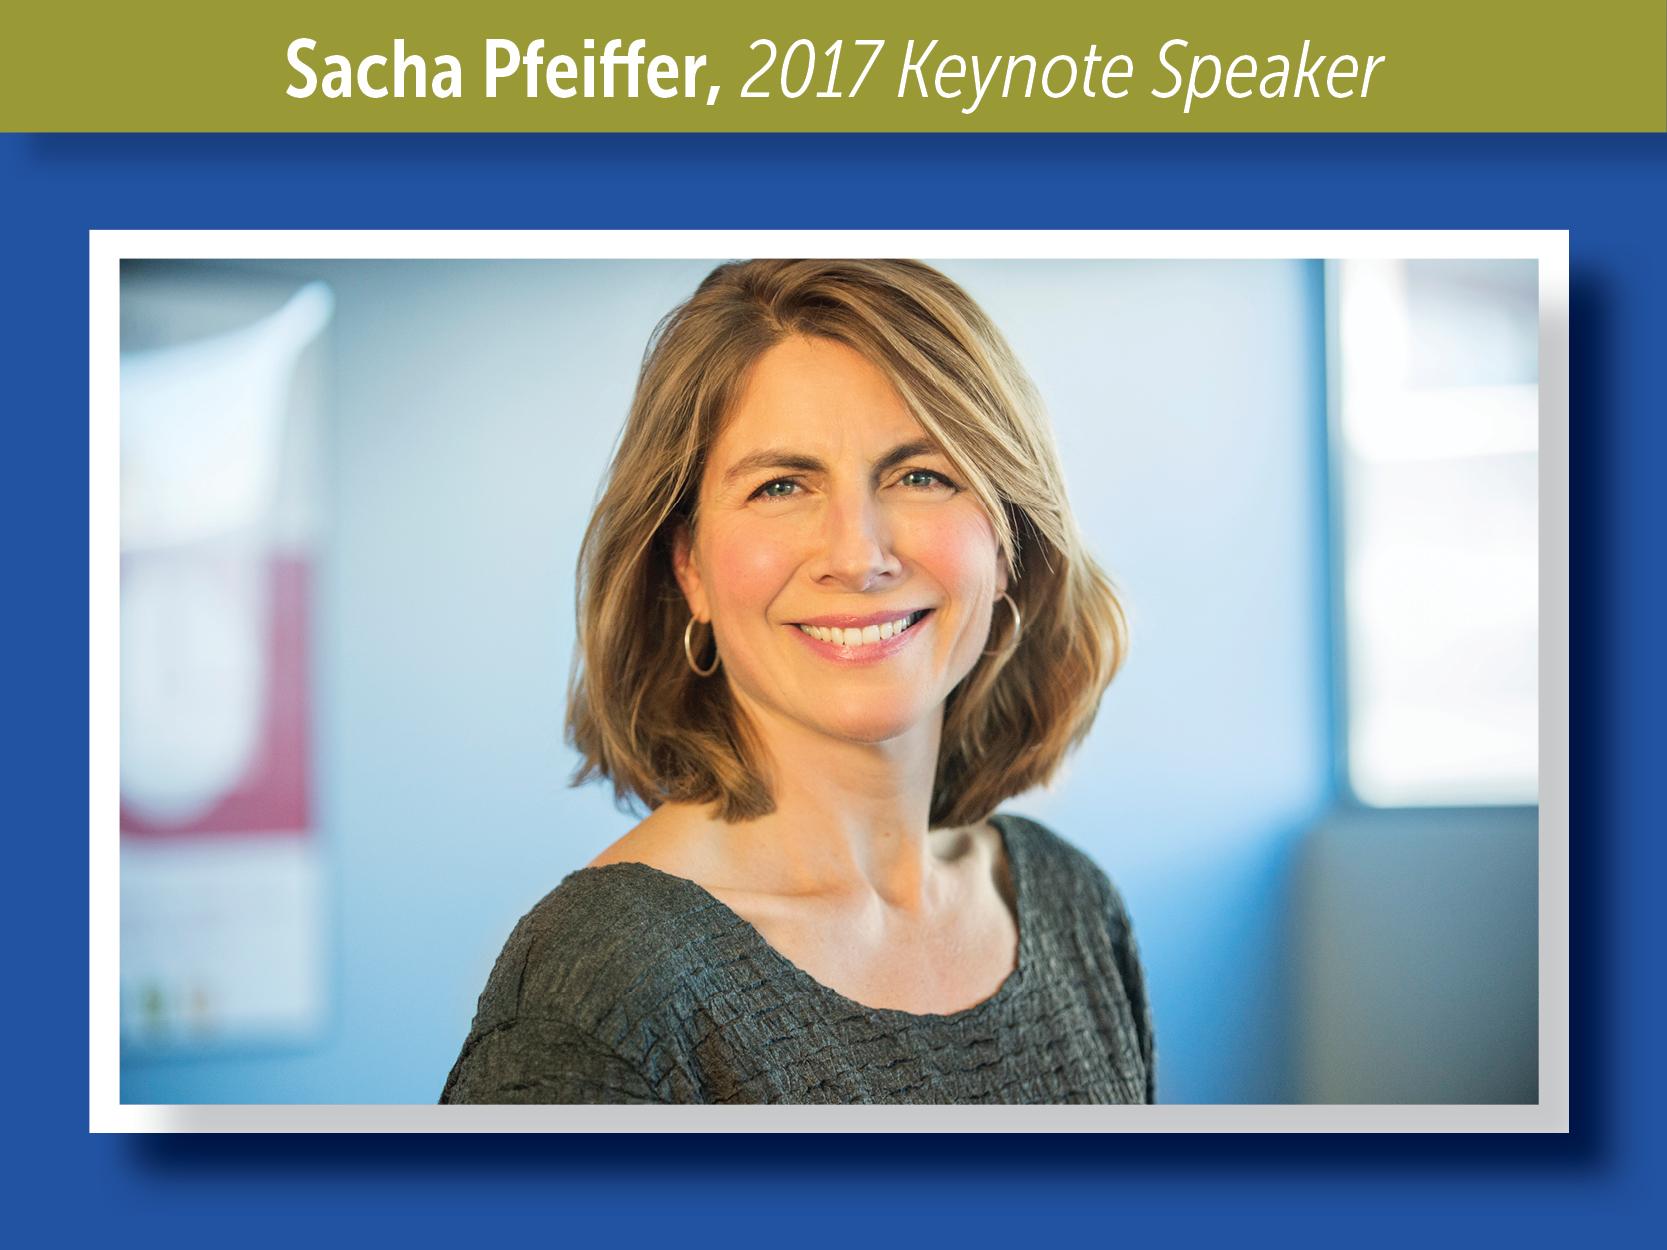 Sacha Pfeiffer Bio